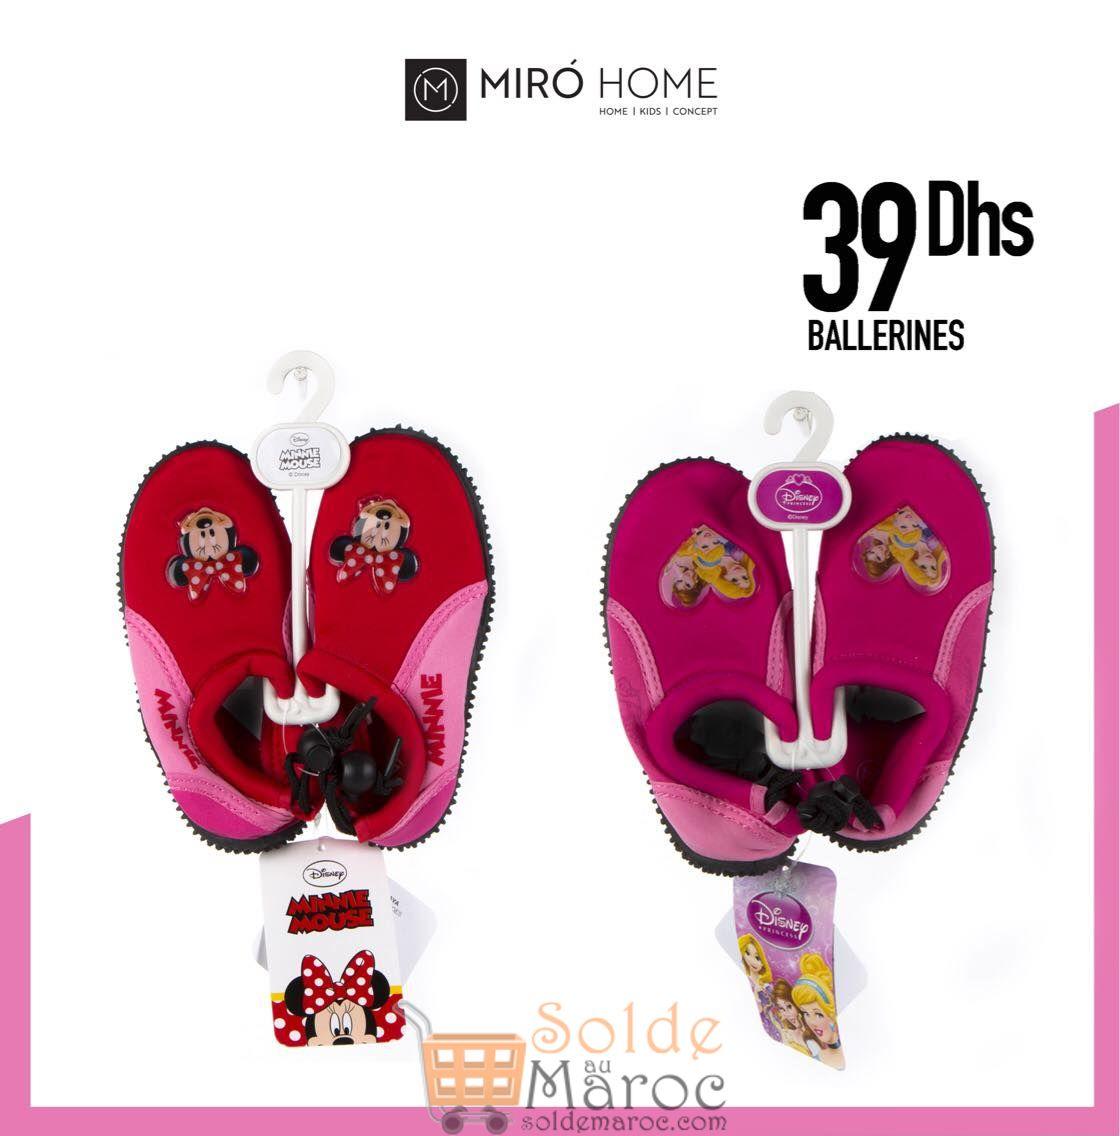 Nouveau chez MIRO Home Ballerines DISNEY 39Dhs